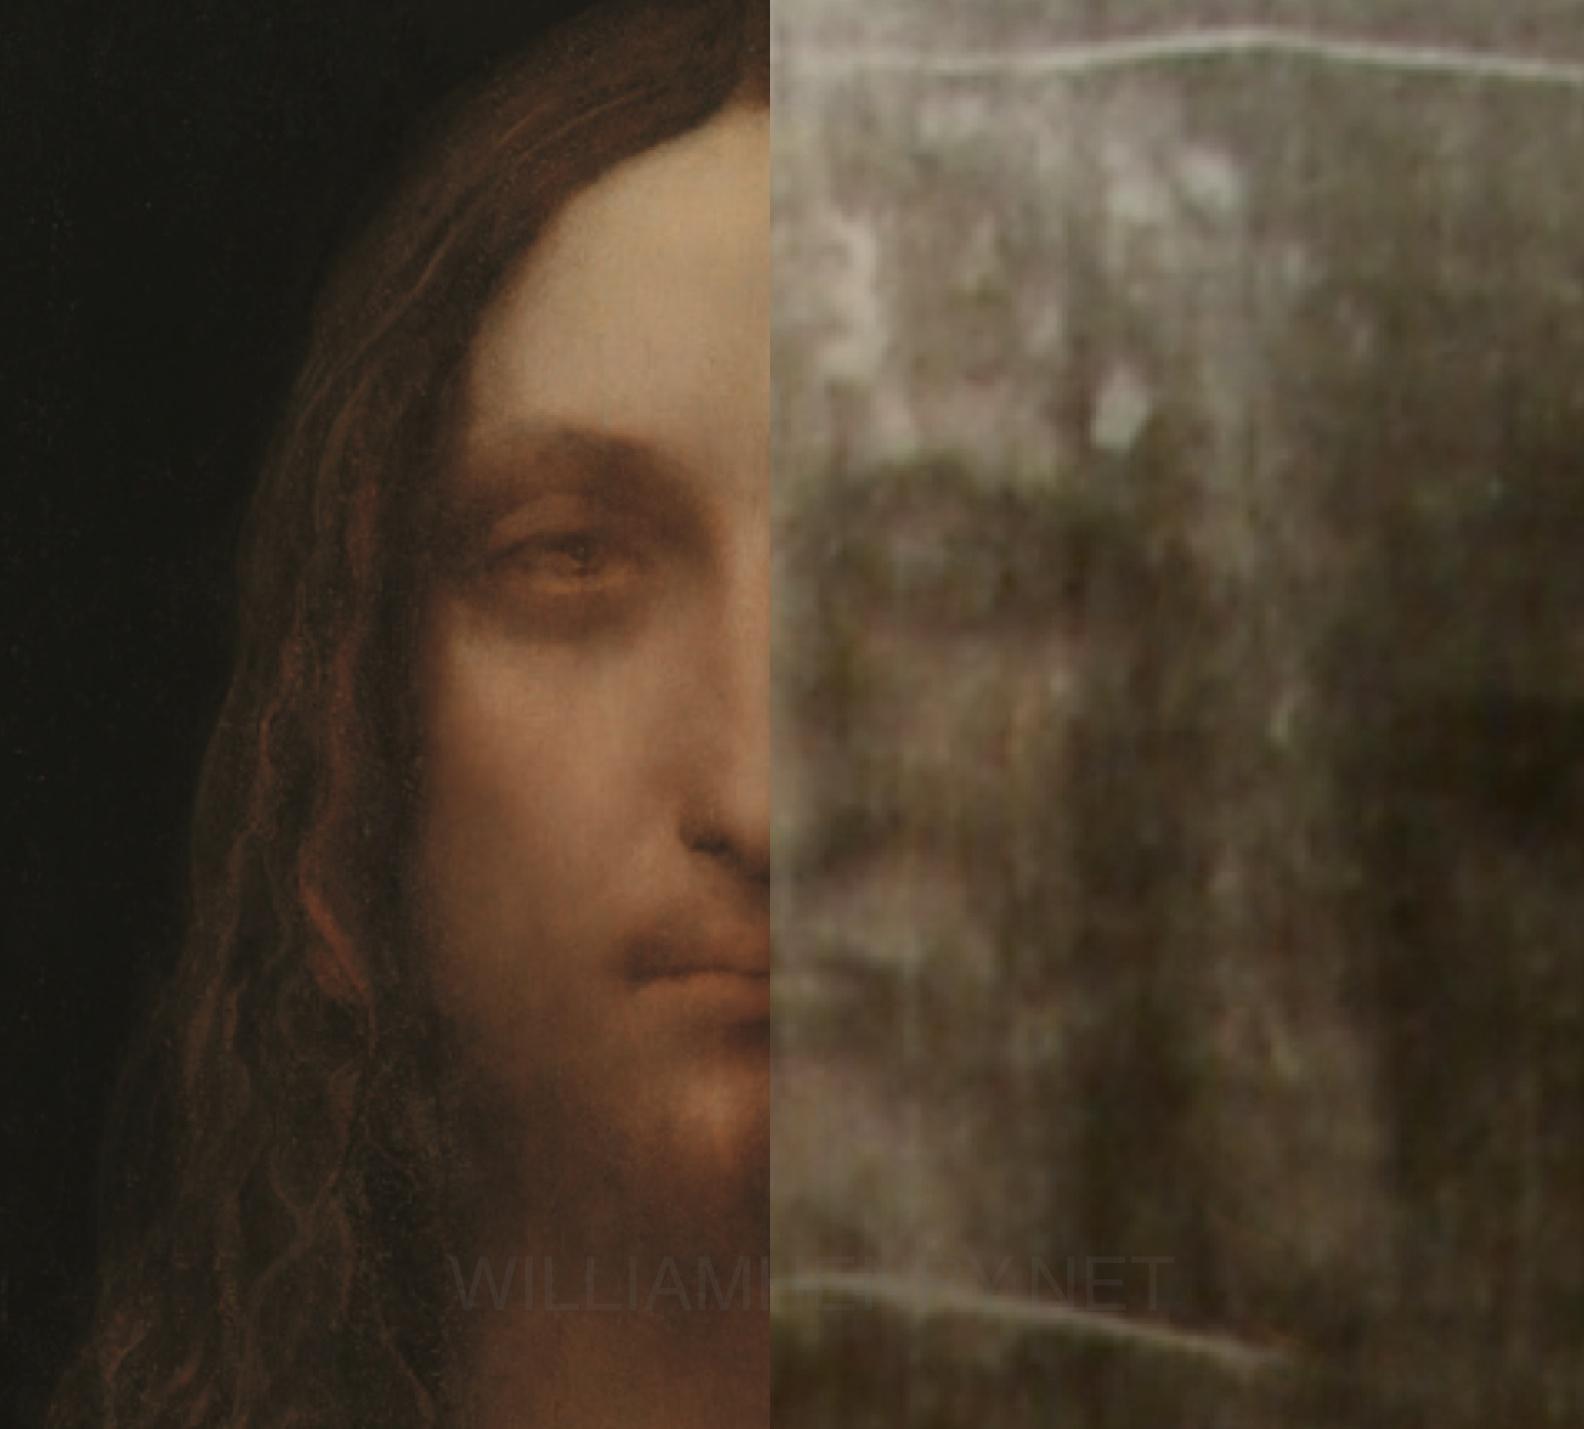 Salvator Mundi Albrecht Durer >> Liebe das Ganze, weil das Ganze Liebe ist: William Henry: SEEING SALVATOR MUNDI - A MOMENT OF ...